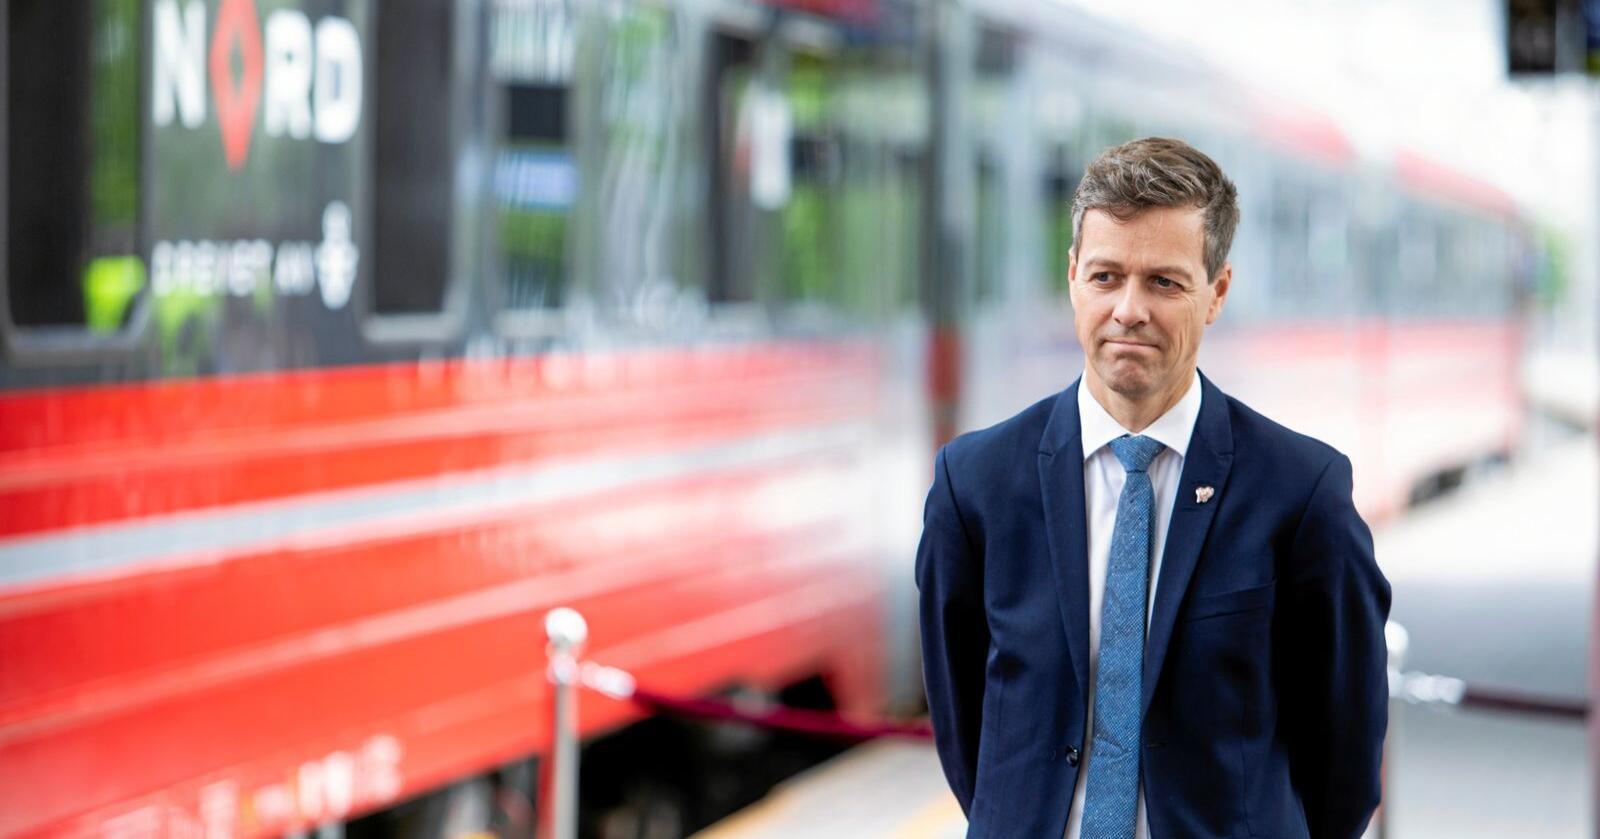 EUs fjerde jernbanepakke og myndighetsoverføringen til EUs jernbanebyrå gjelder på et teknisk og begrenset område, skriver samferdselsminister Knut Arild Hareide. Foto: Tore Meek / NTB scanpix